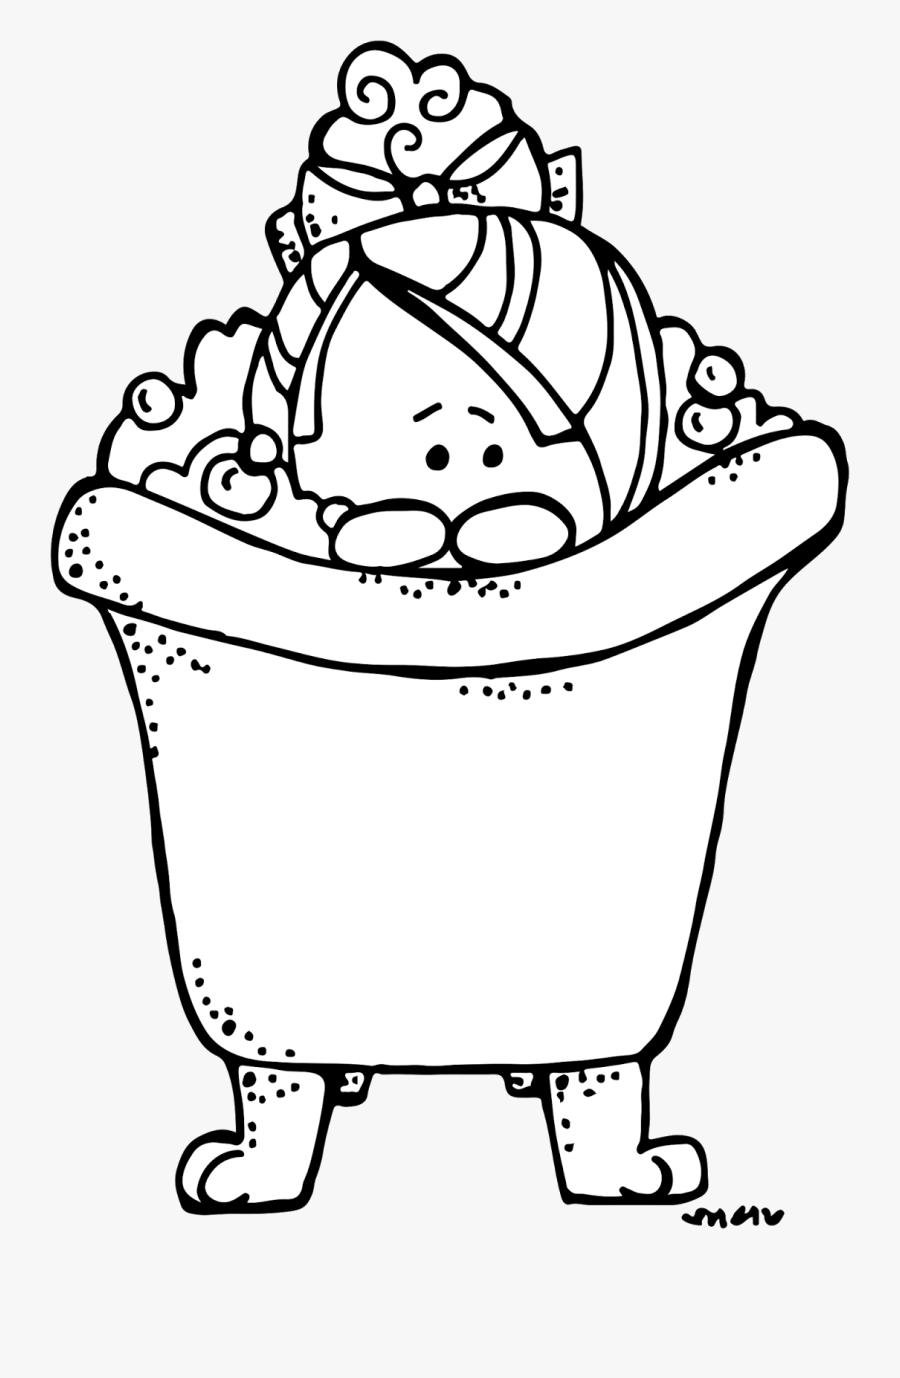 Teacher Clipart Bath Bubbles - Melon Headz Clipart Black And White, Transparent Clipart